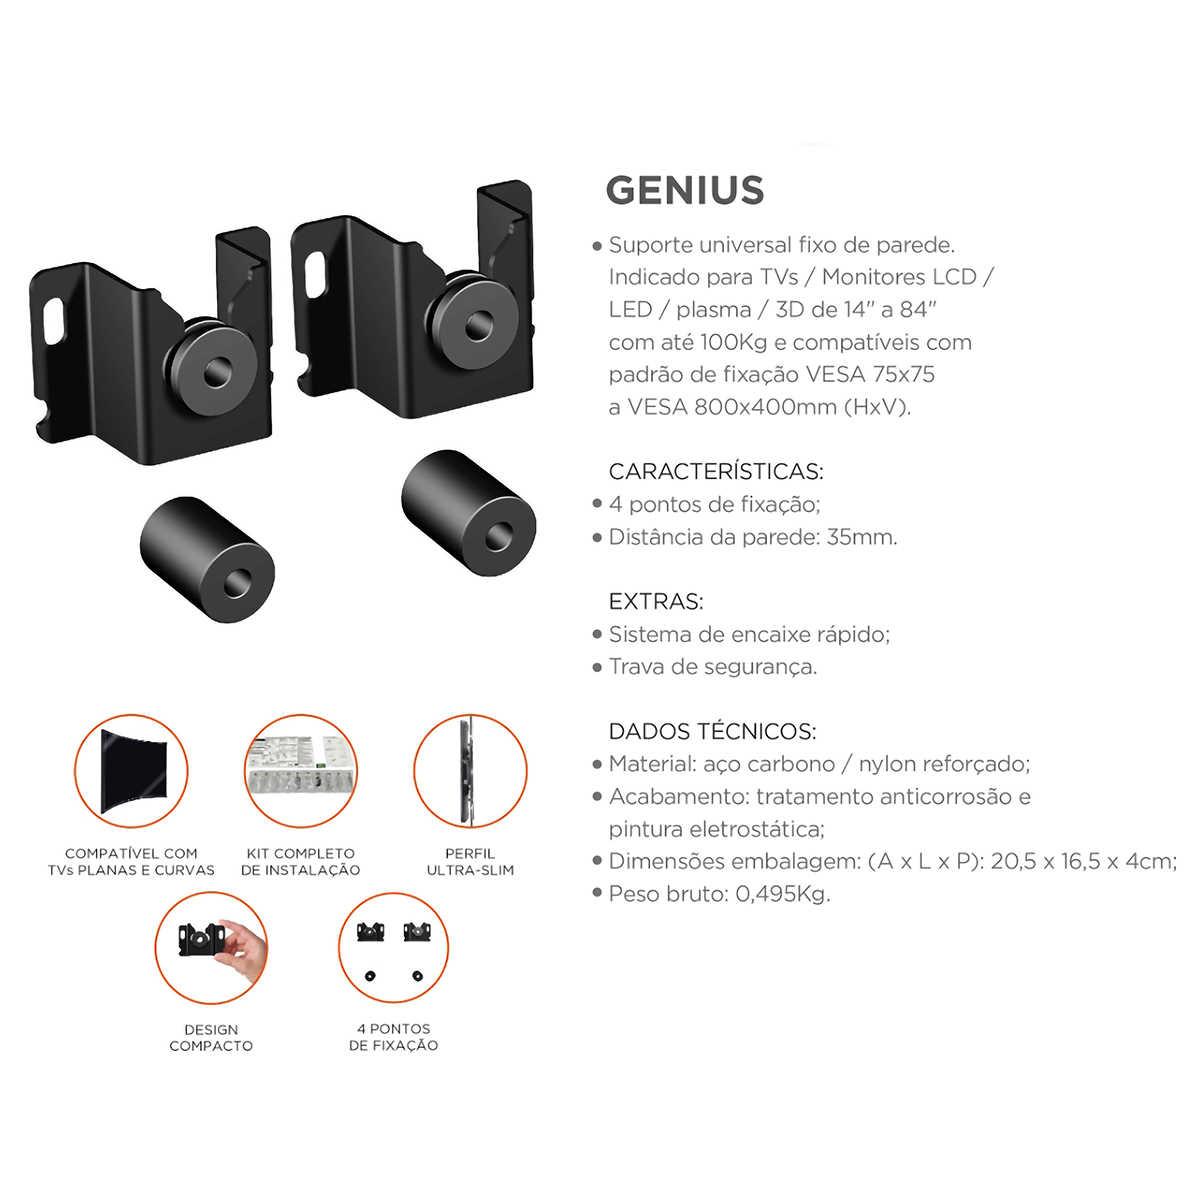 """Suporte Fixo de Parede para TV LCD LED Plasma 3D VESA Universal de 14"""" a 84"""" até 100kg Aço Preto Universal ELG Genius"""